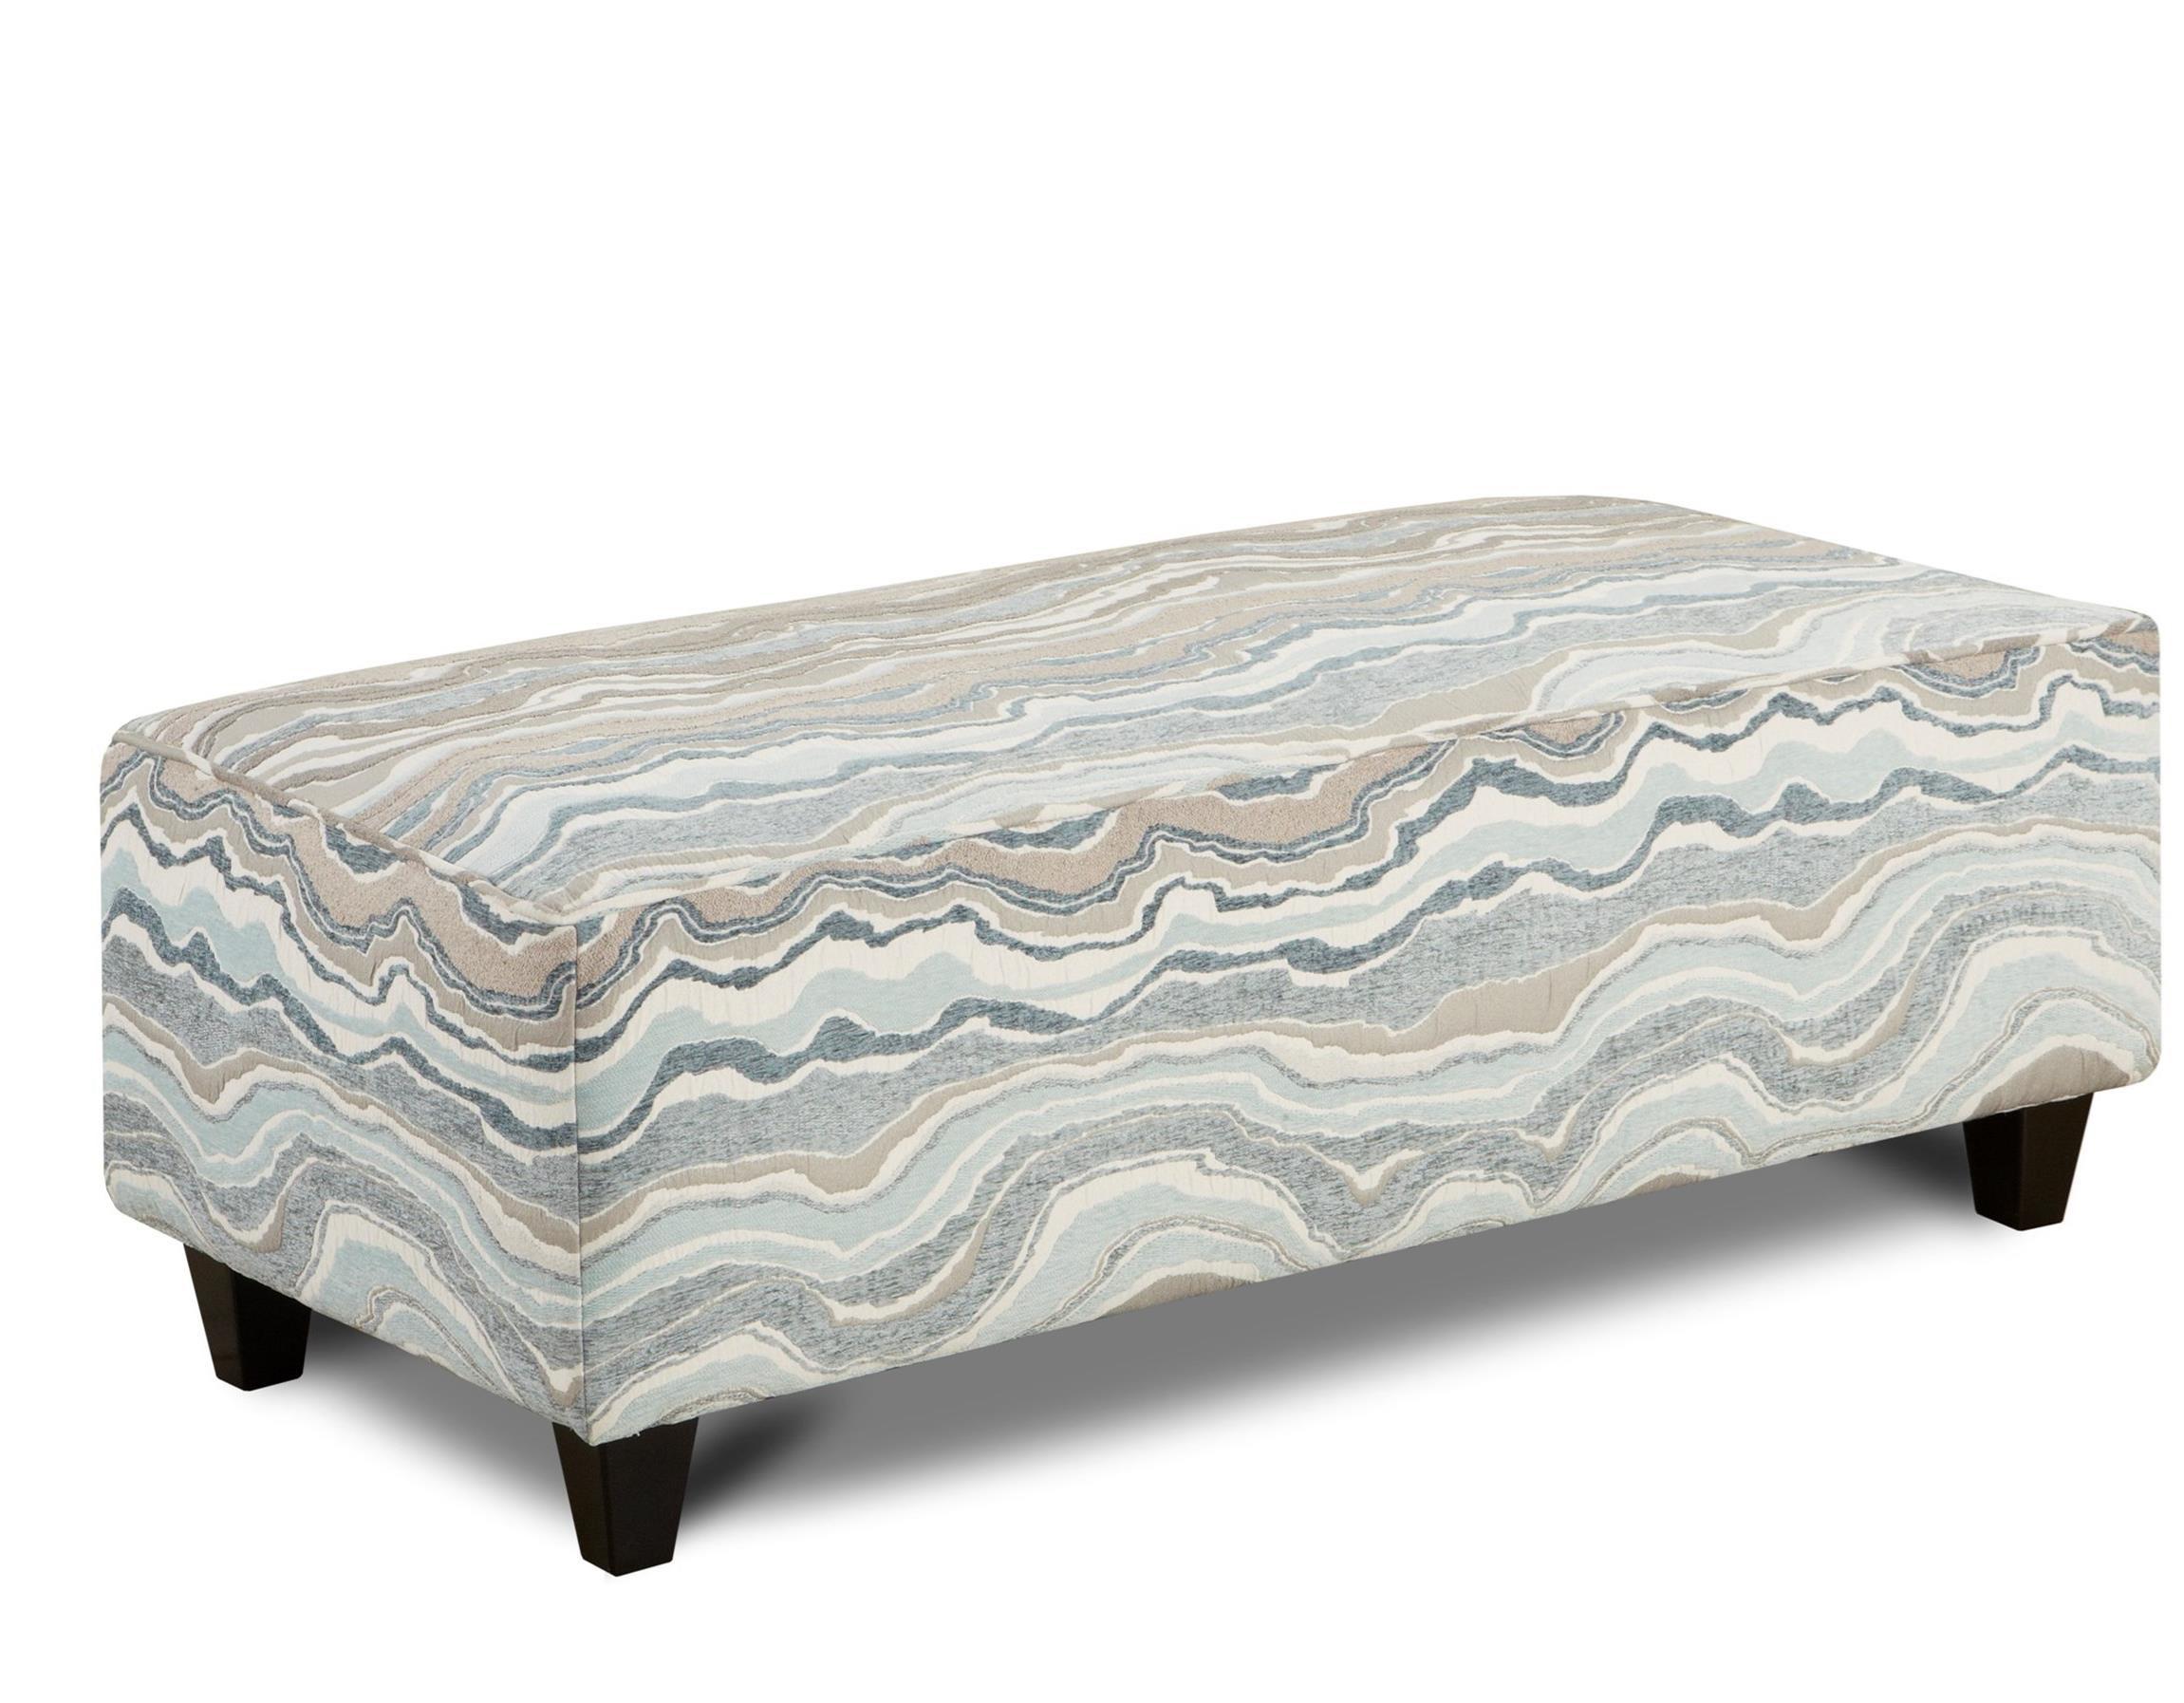 Fusion Furniture 100 Ottoman - Item Number: 100Metamorphosis Mist